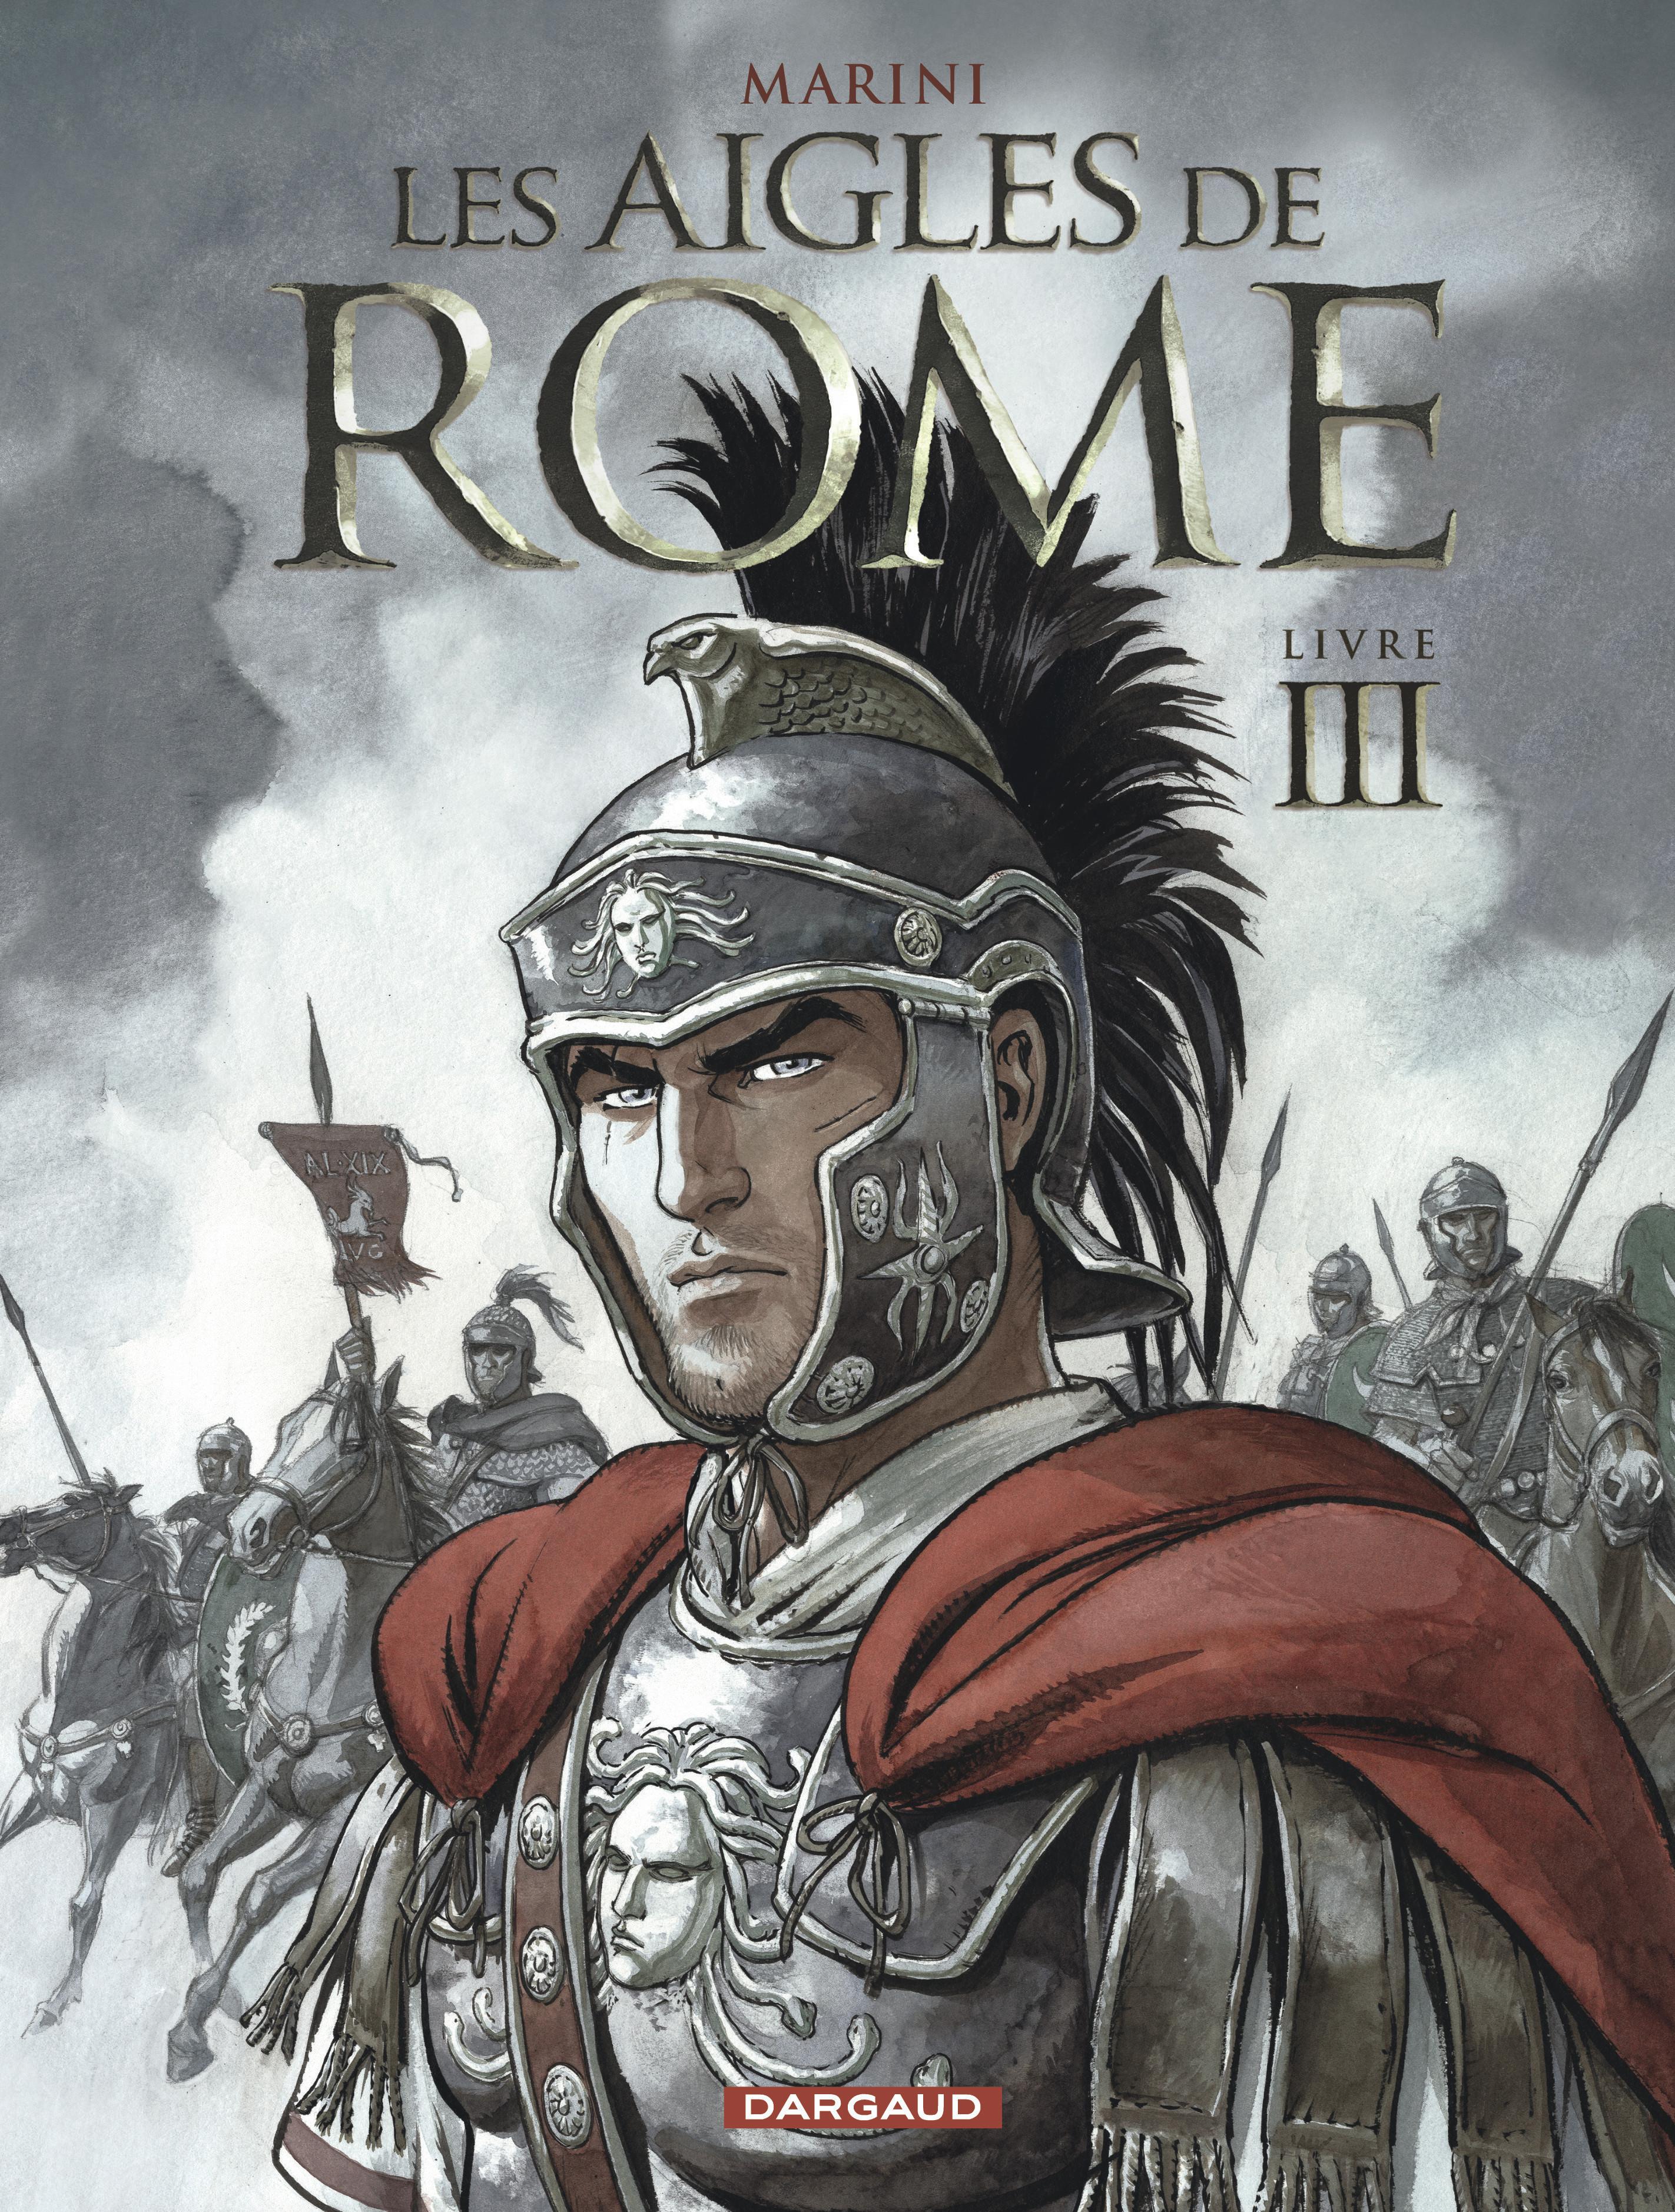 LES AIGLES DE ROME LIVRE III